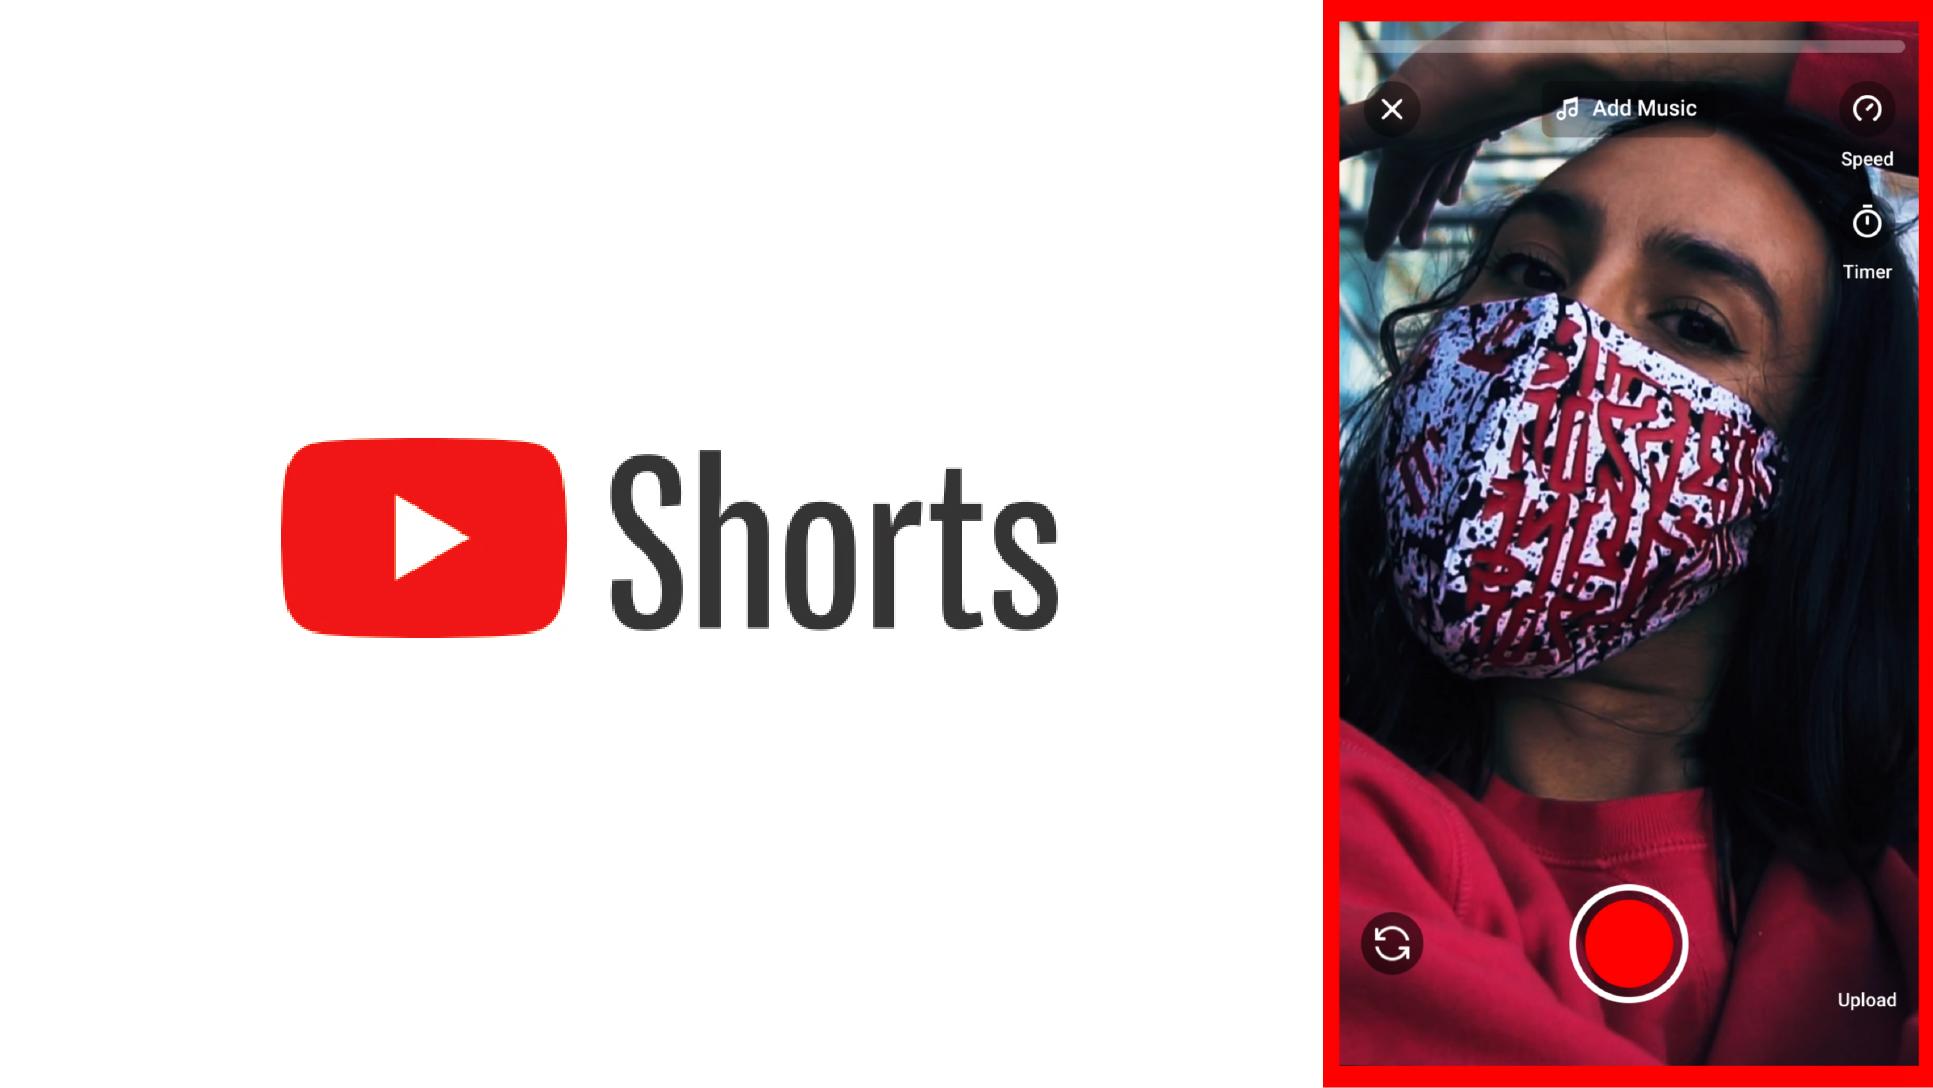 YouTube chạy bản beta tính năng video ngắn như TikTok ở Mỹ - Ảnh 1.